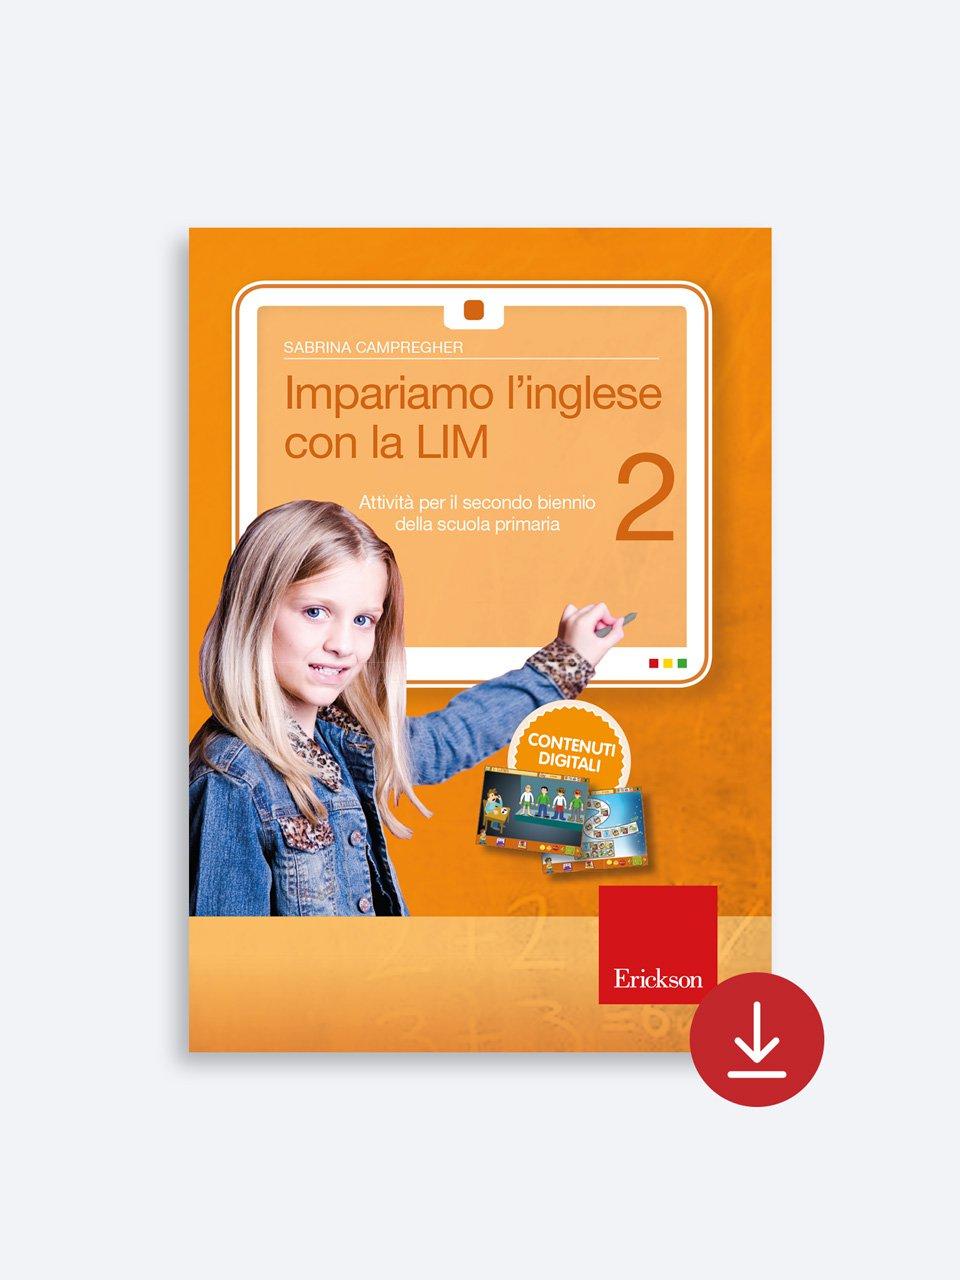 Impariamo l'inglese con la LIM 2 - Schede per Tablotto (Età 8+) - Play and Learn with - Giochi - Erickson 2